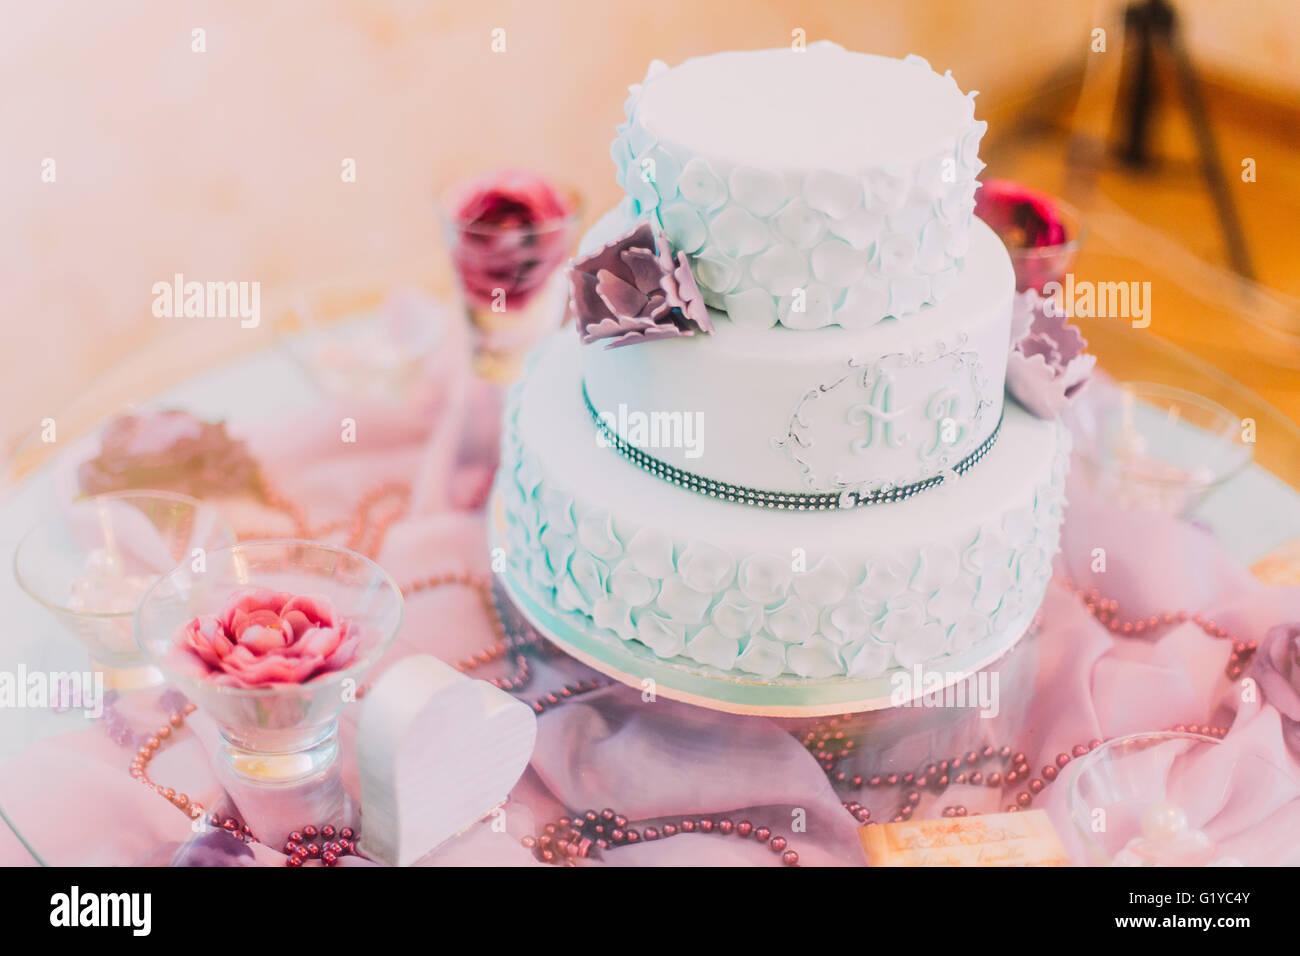 Gâteau de mariage bleu et blanc décoré de fleurs violettes Photo Stock